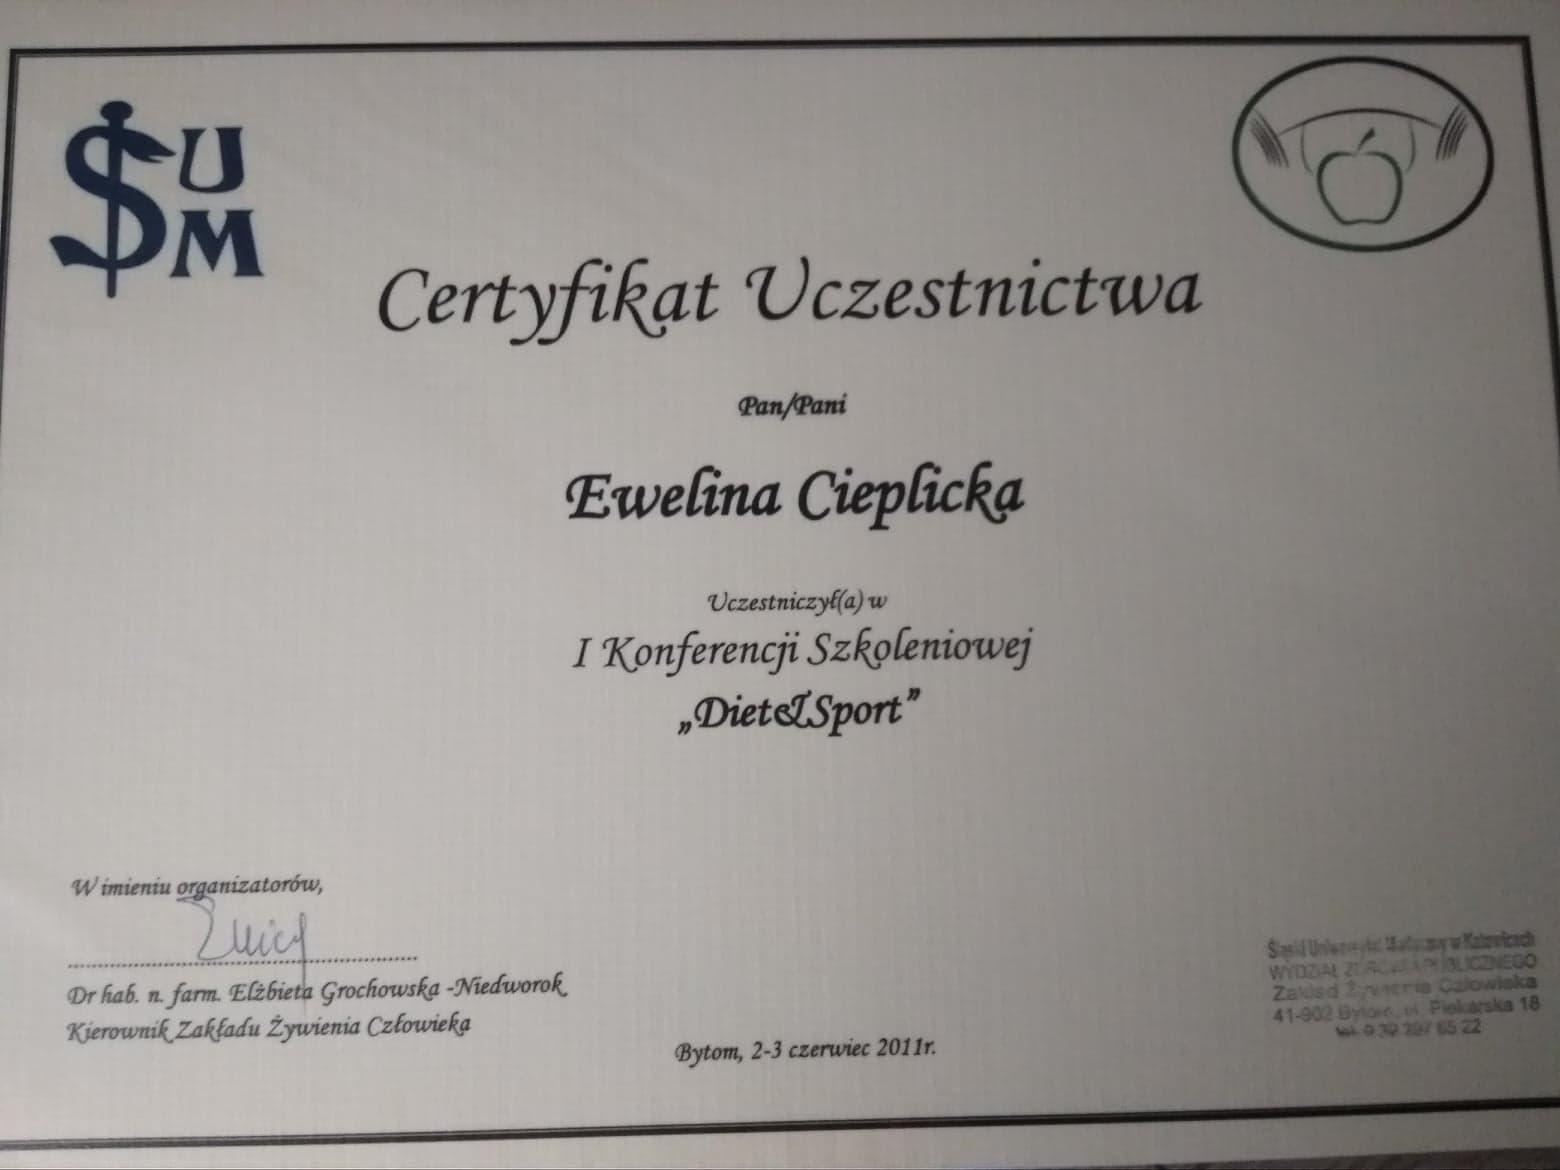 Certyfikat ukończenia szkolenia dieta i sport